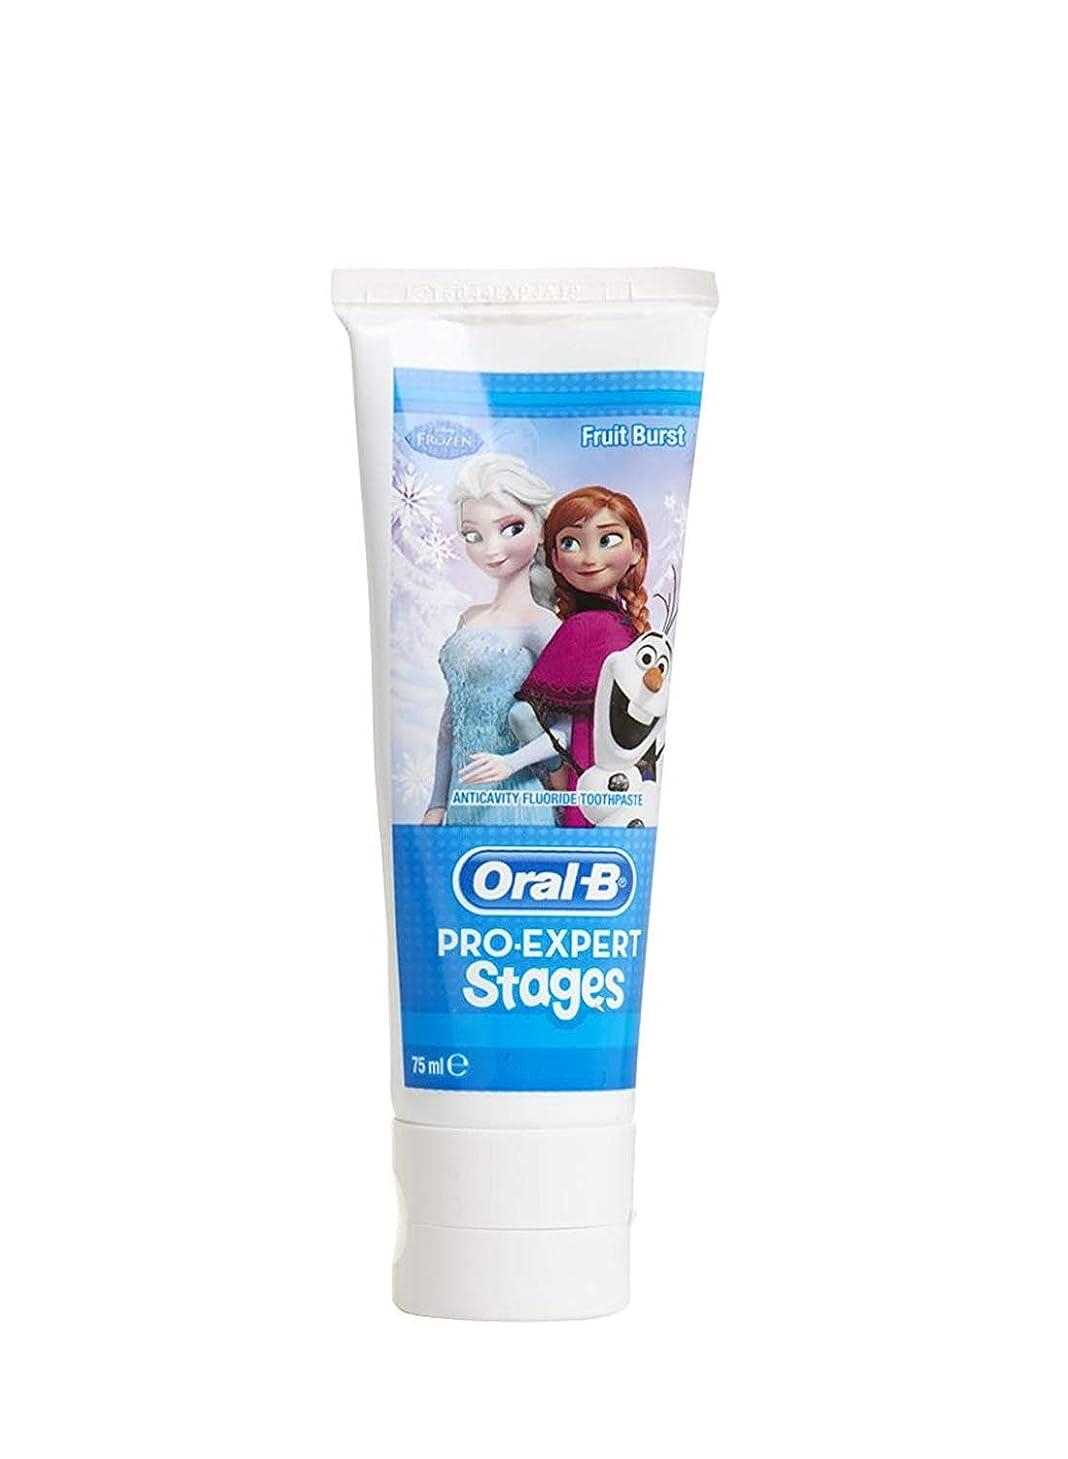 うがい聖なるファイアルオーラルB アナ雪キャラクター 子供用 歯磨き粉 5-7歳対象  並行輸入品 海外発送